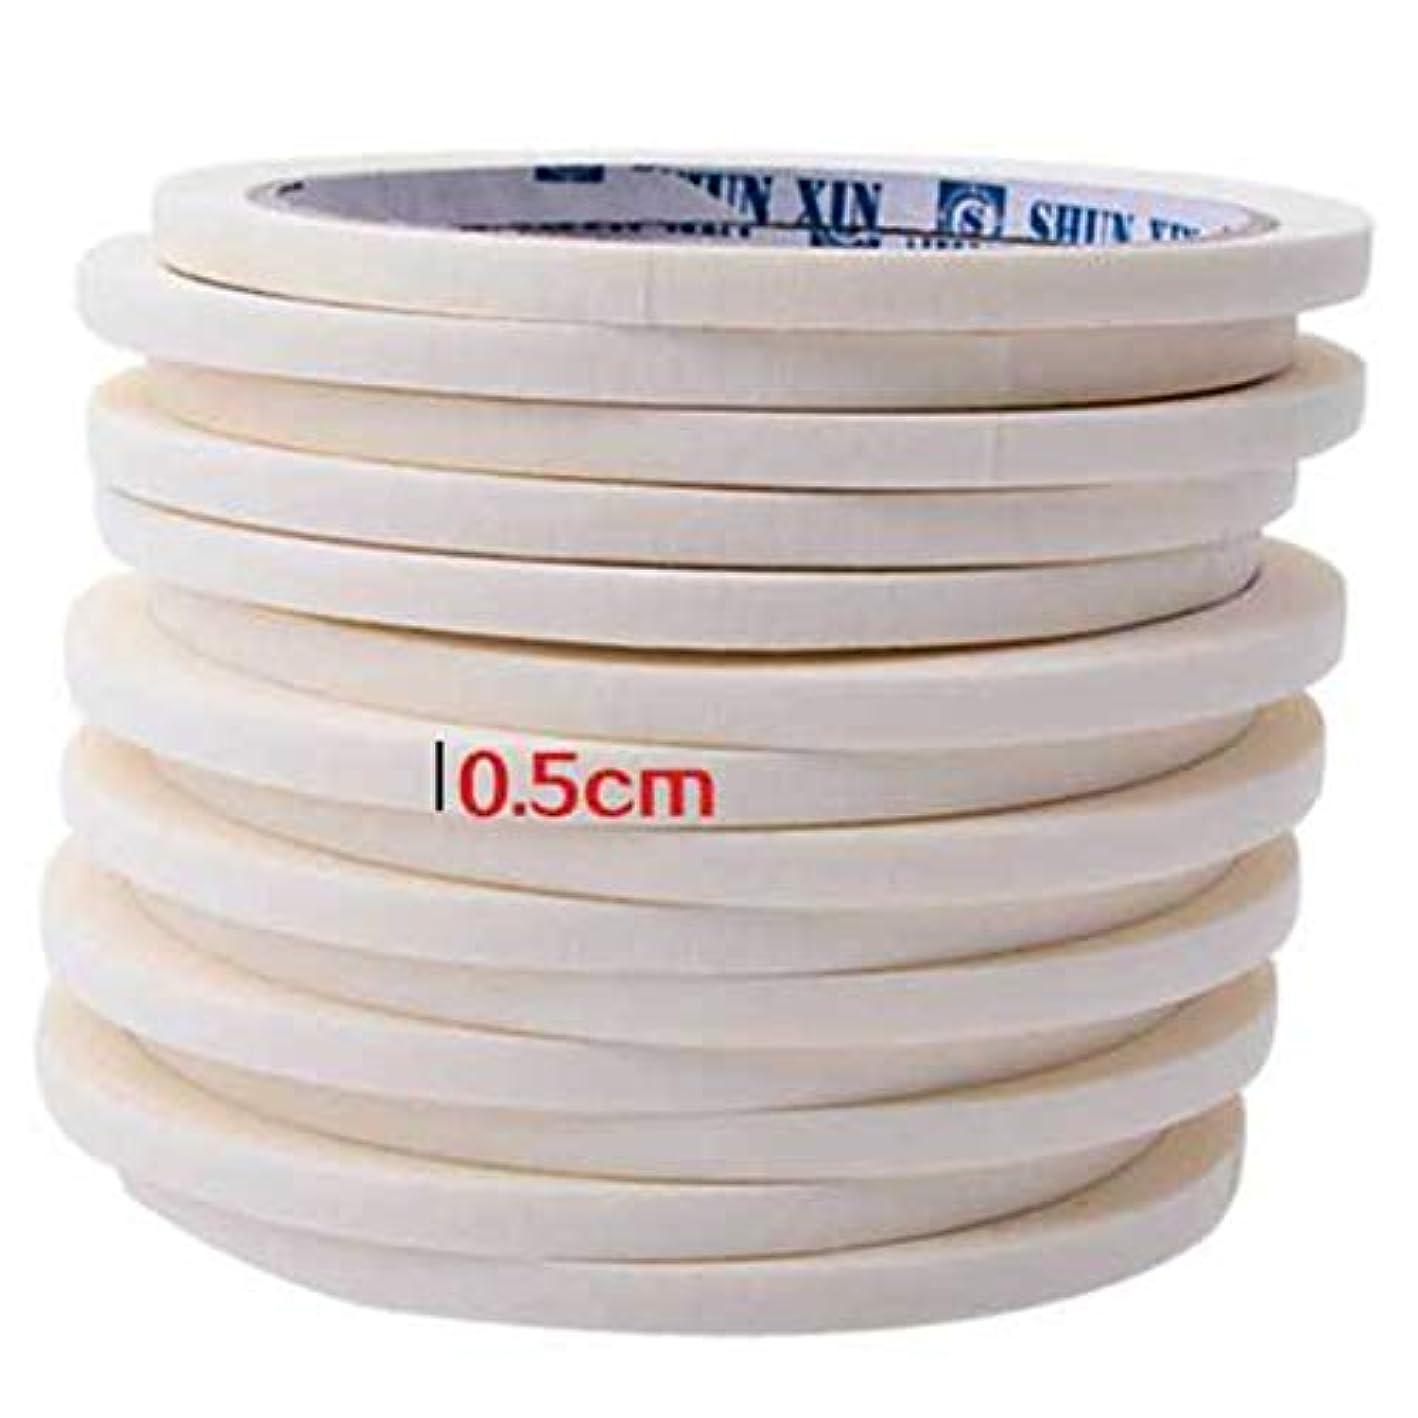 白い変化する拾うBirdlanternネイルテープ0.5センチマスキングテープ装飾パターンネイルポリッシュツールマニキュアネイルアートネイルテープアクセサリー用マニキュア